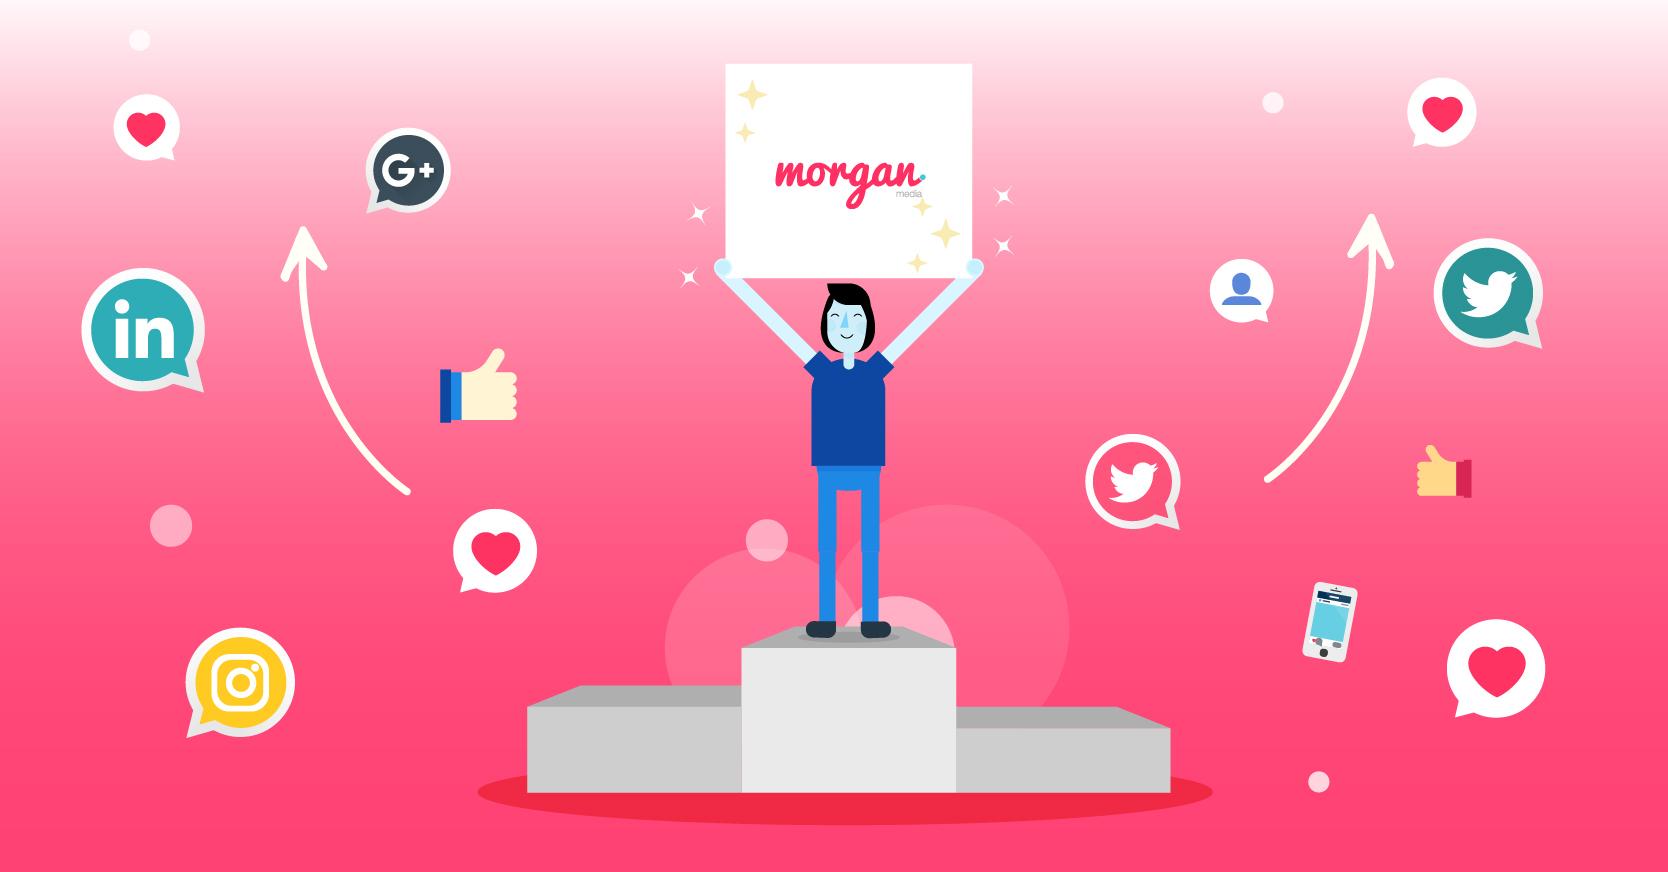 social branding morgan media